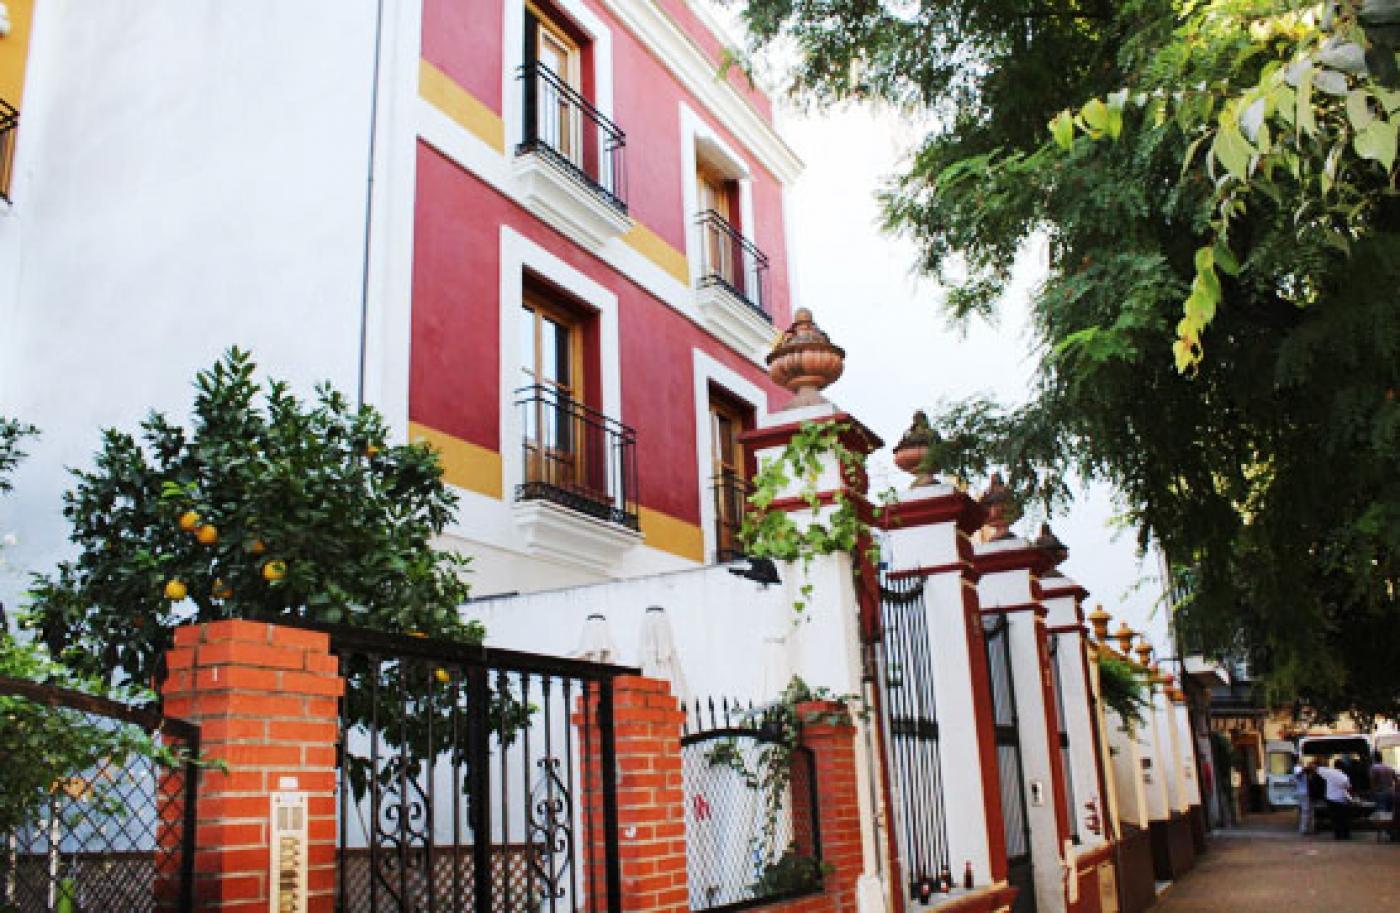 Pisos de bancos en Sevilla